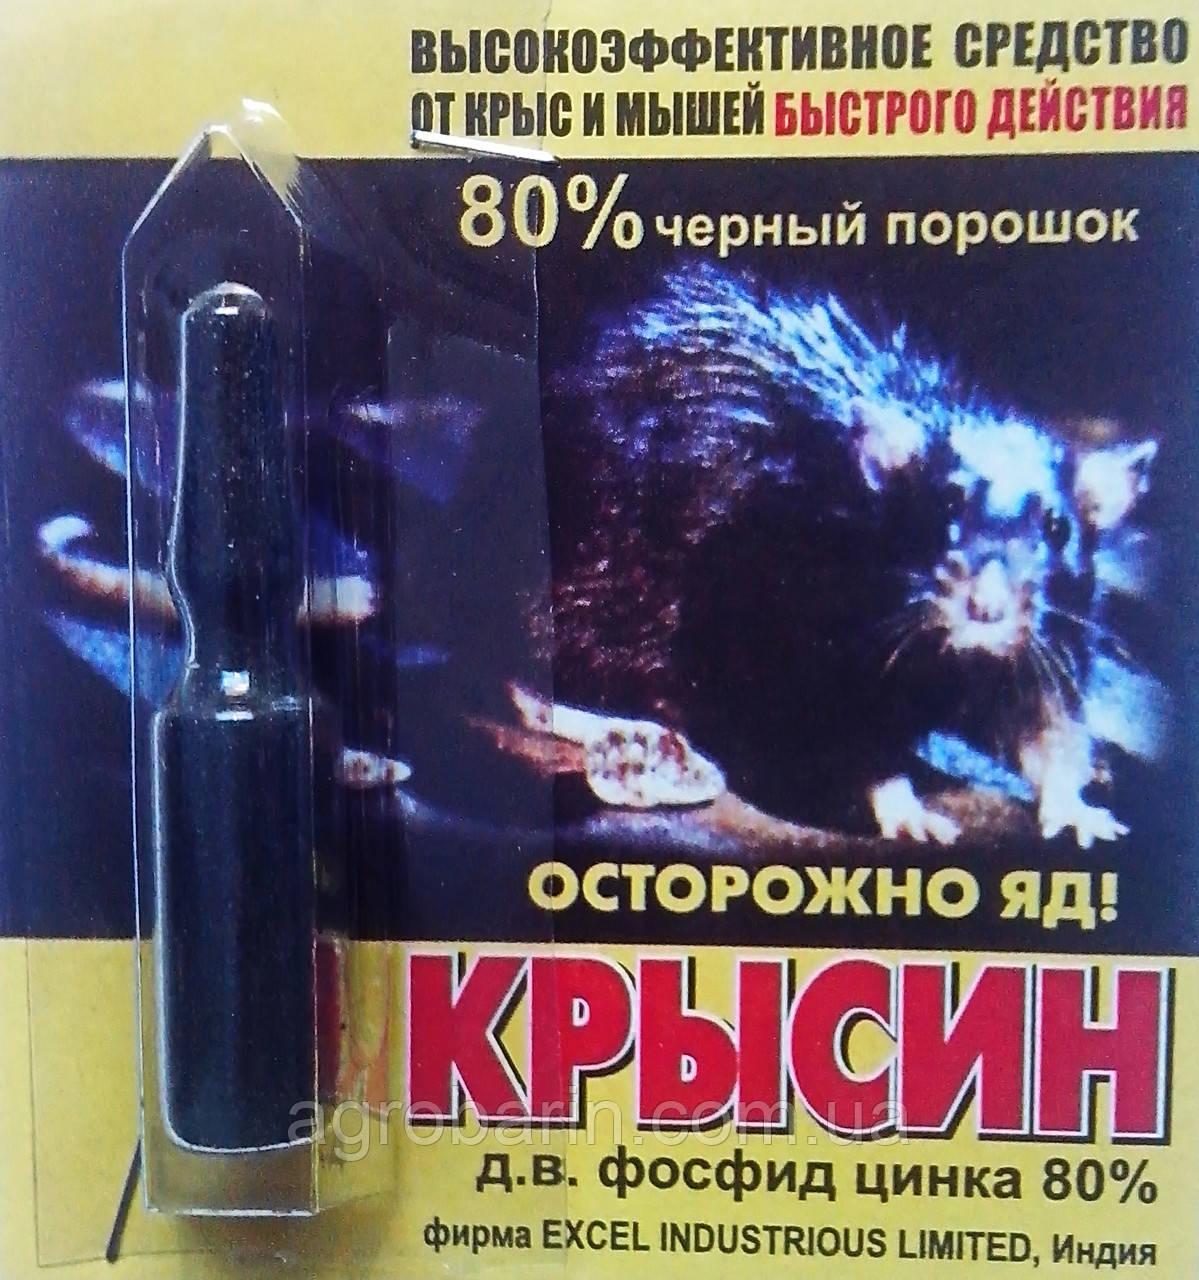 Крысин 3 гр (фосфид цинка) от крыс и мышей